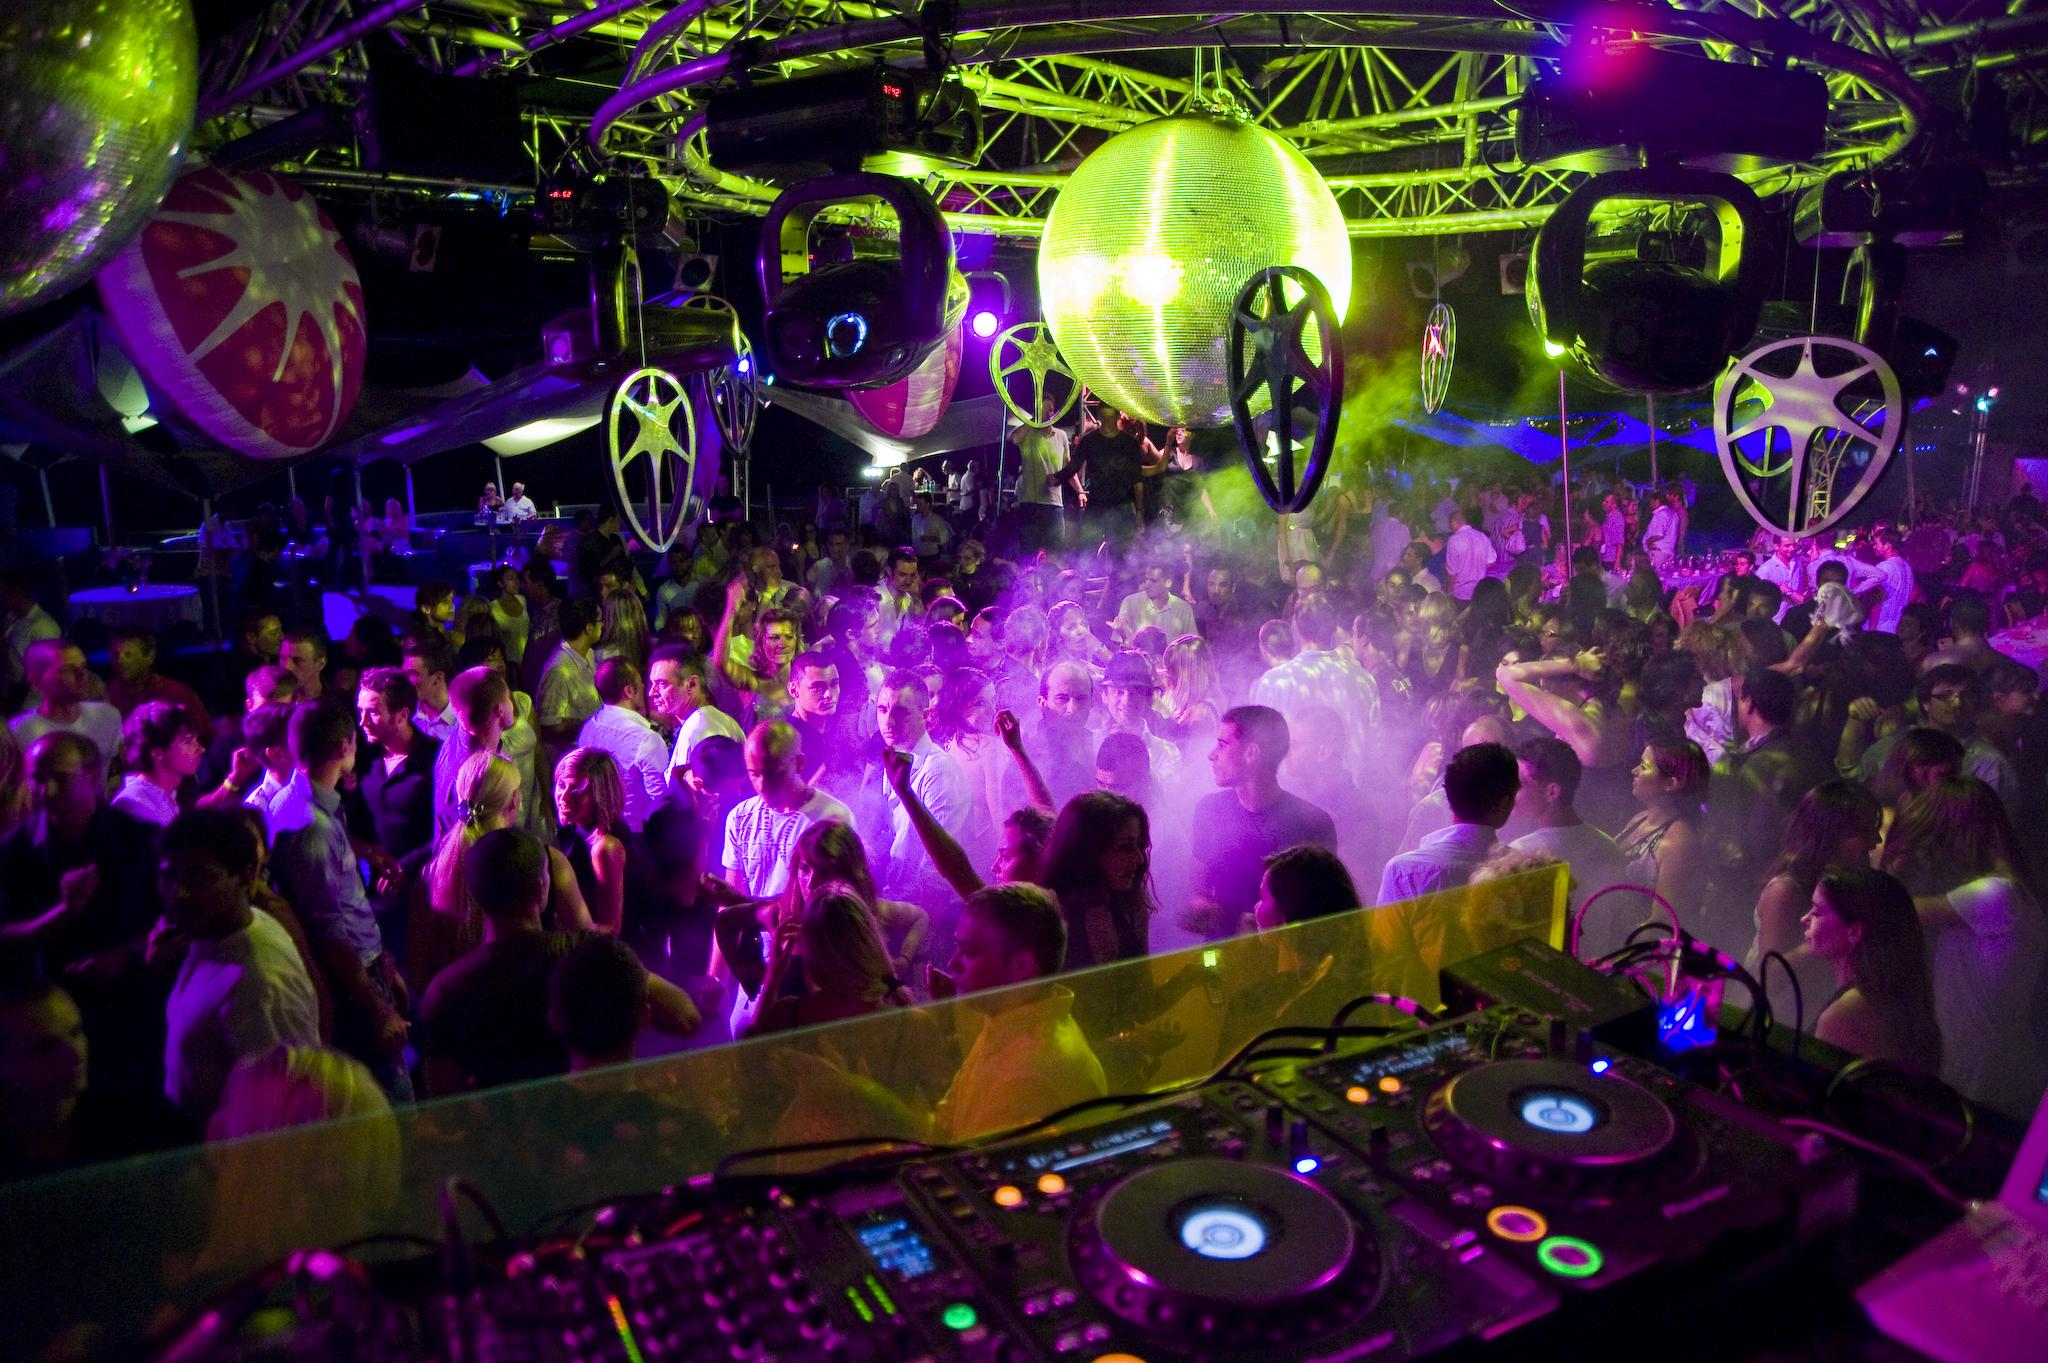 Какая дискотека в Самаре самая многочисленная?